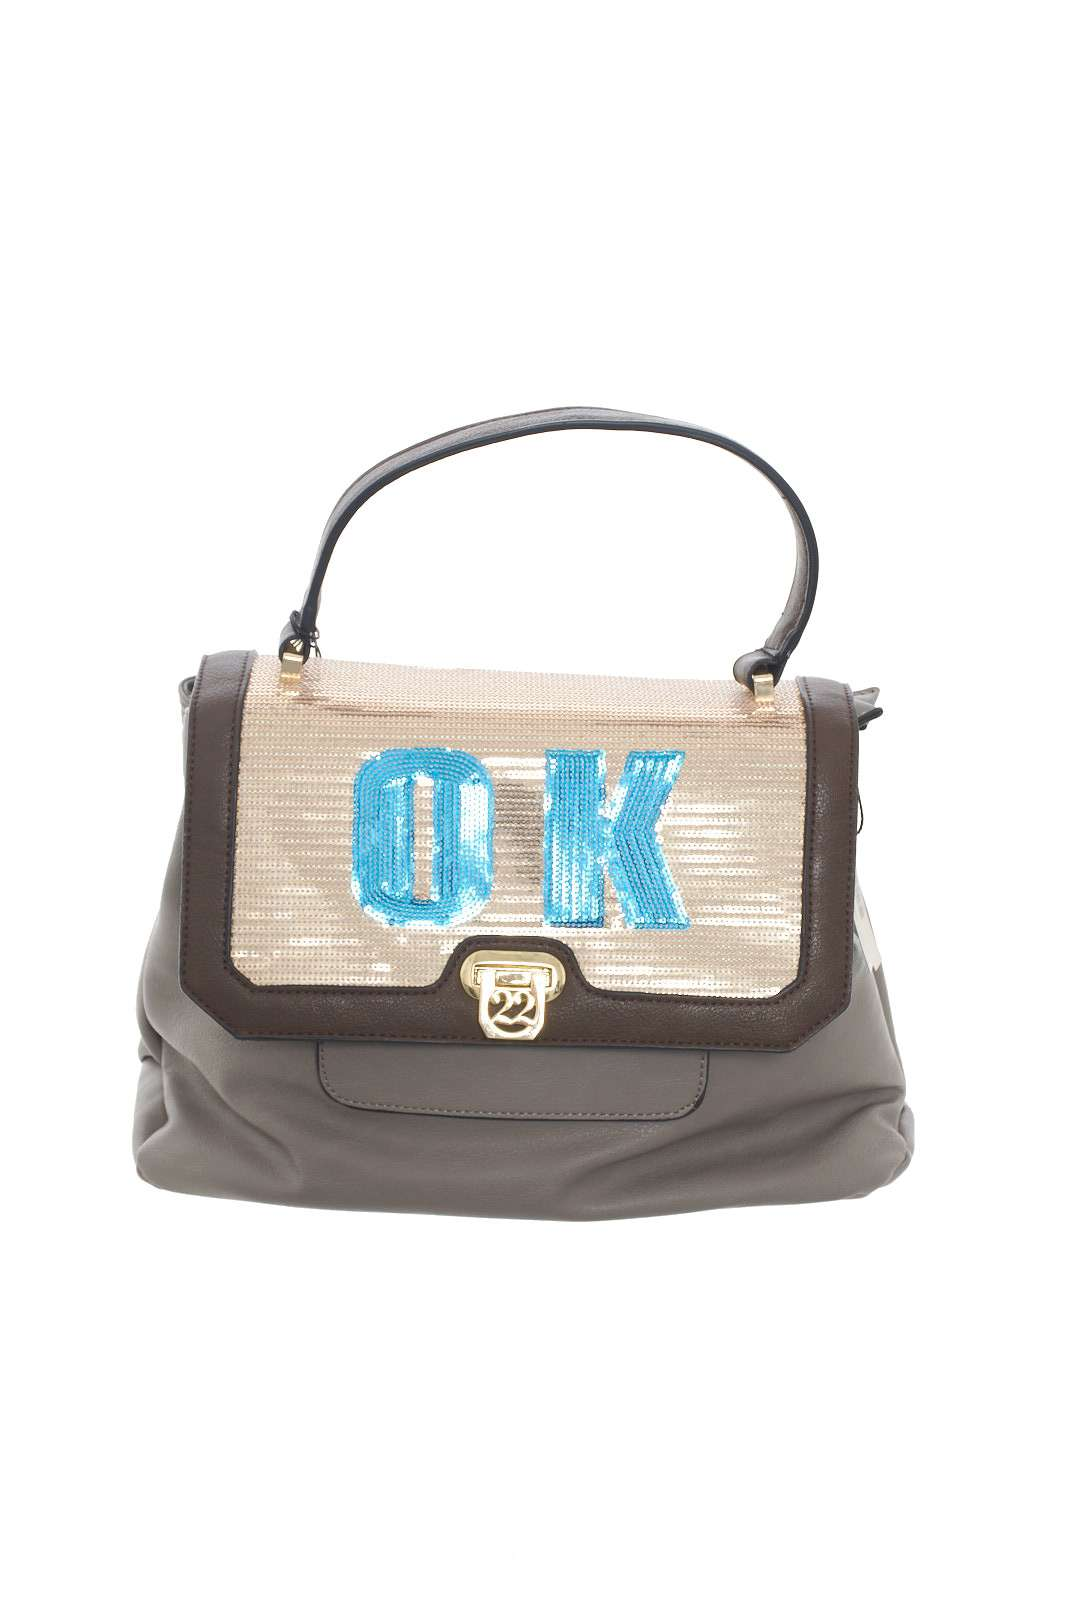 Un accessorio iconico e spiritoso, quello firmato NumeroVentidue, per la donna che ama borse sempre al passo con le ultime tendenze.  La scritta Ok, regala un tocco davvero unico e leggero, perfetto per completare look casual e trendy.